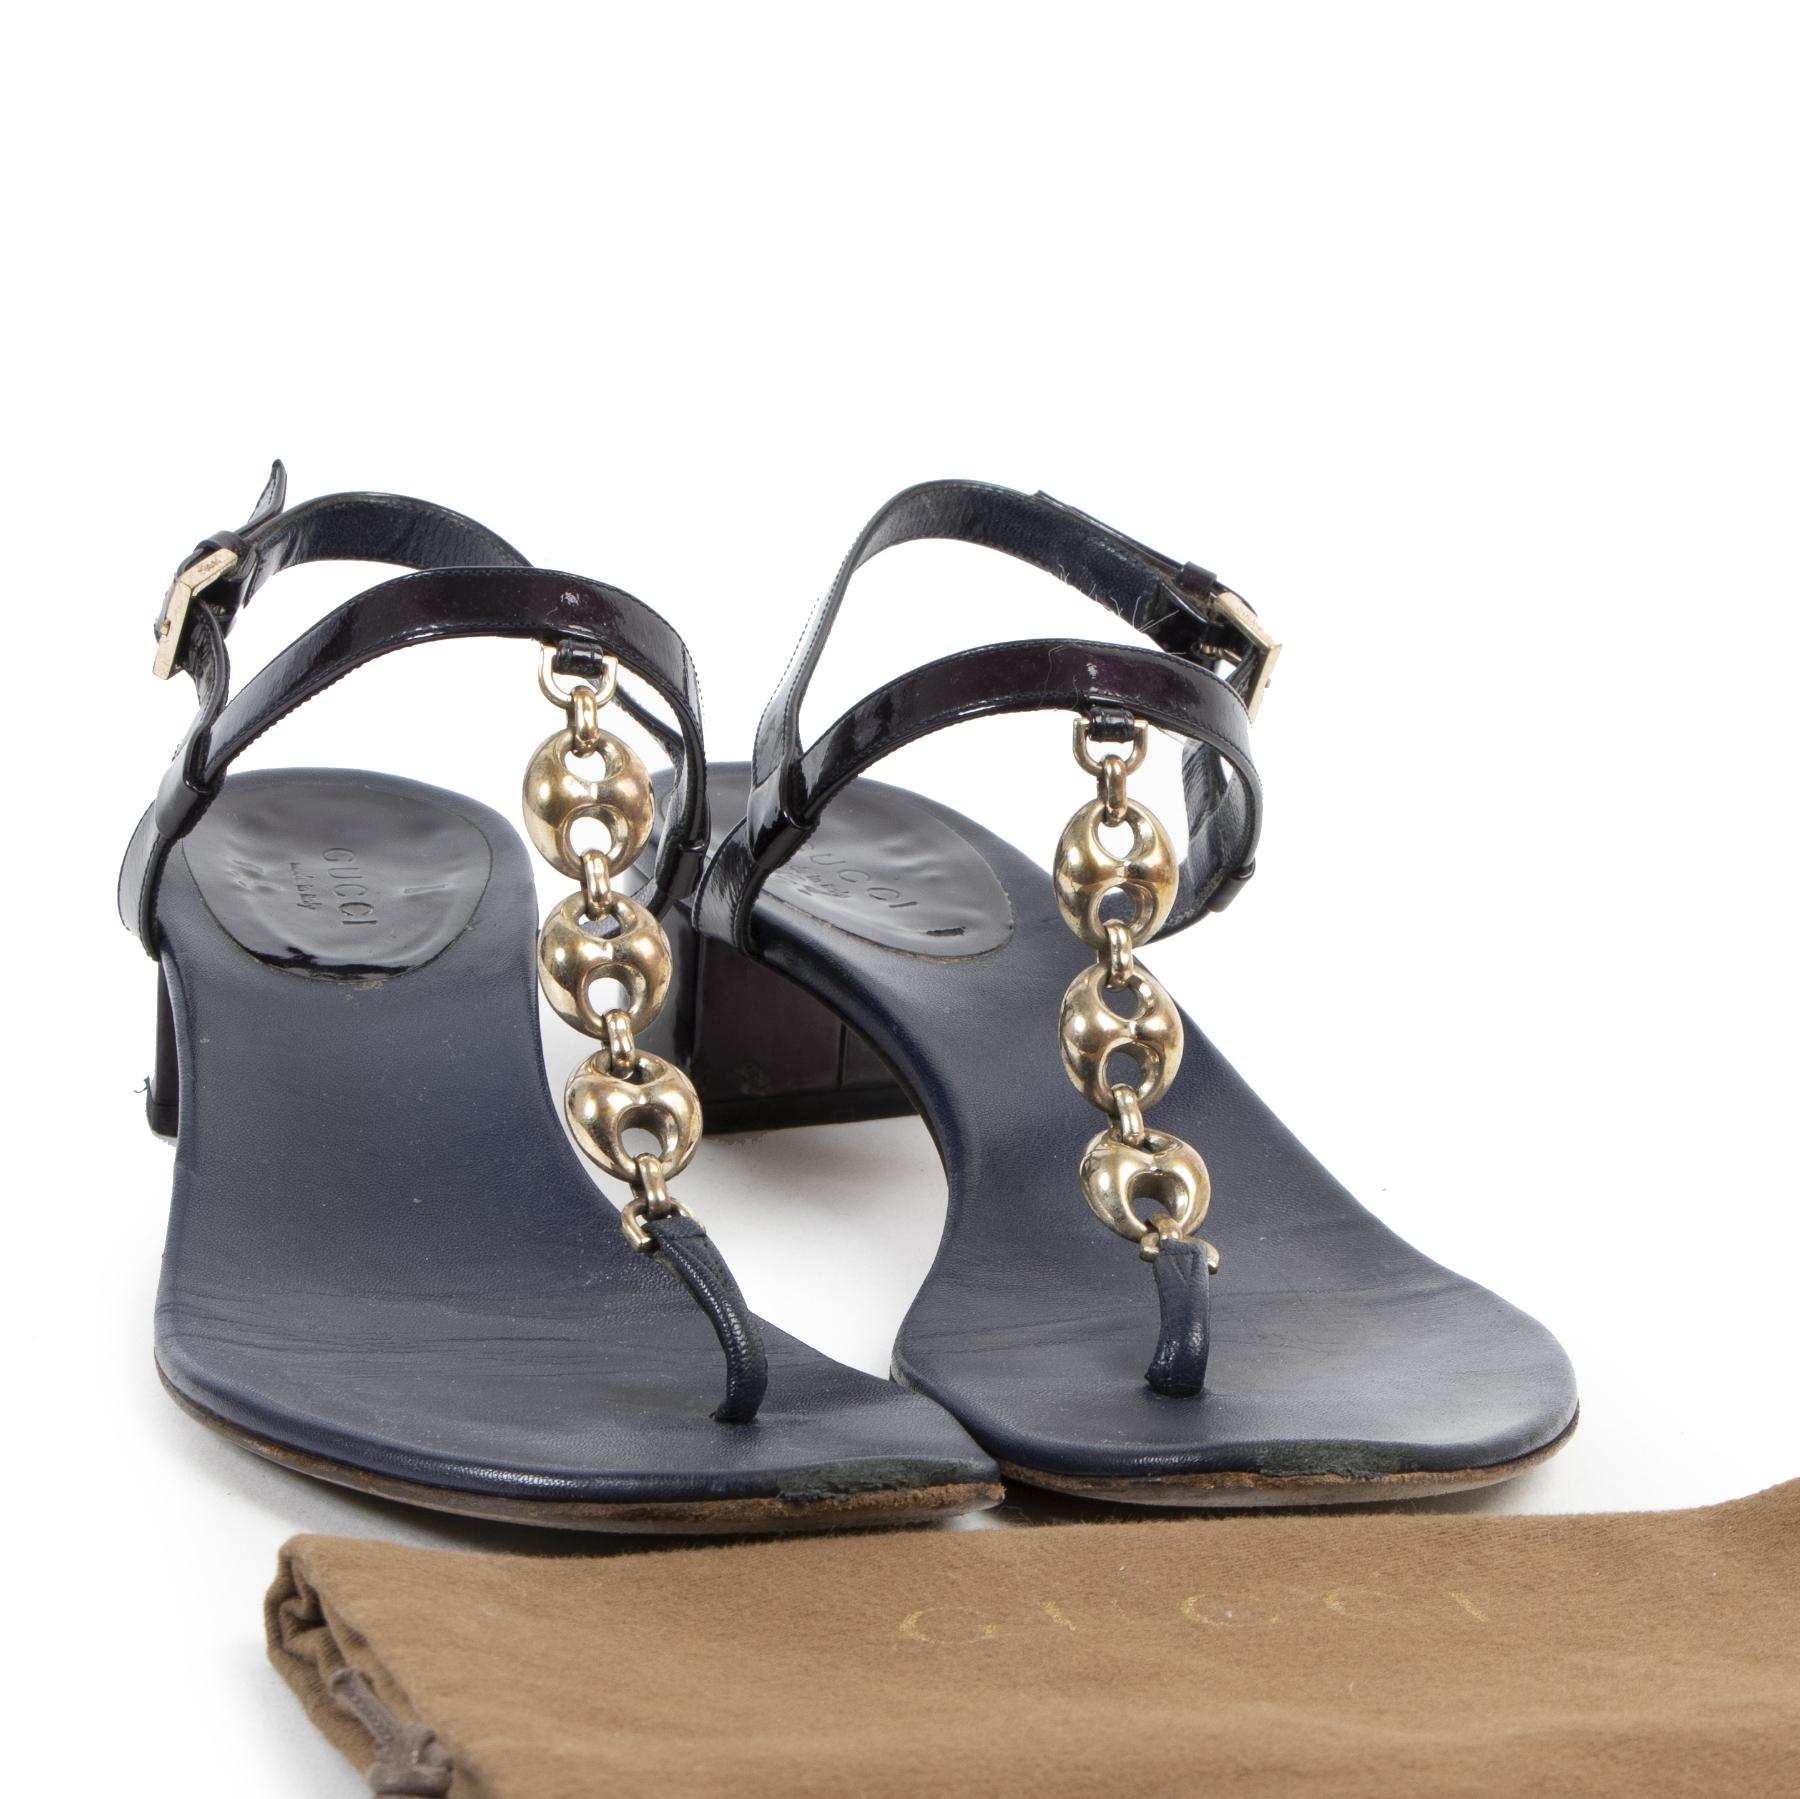 Authentique seconde-main chaussures online en ligne webshop LabelLOV Anvers.